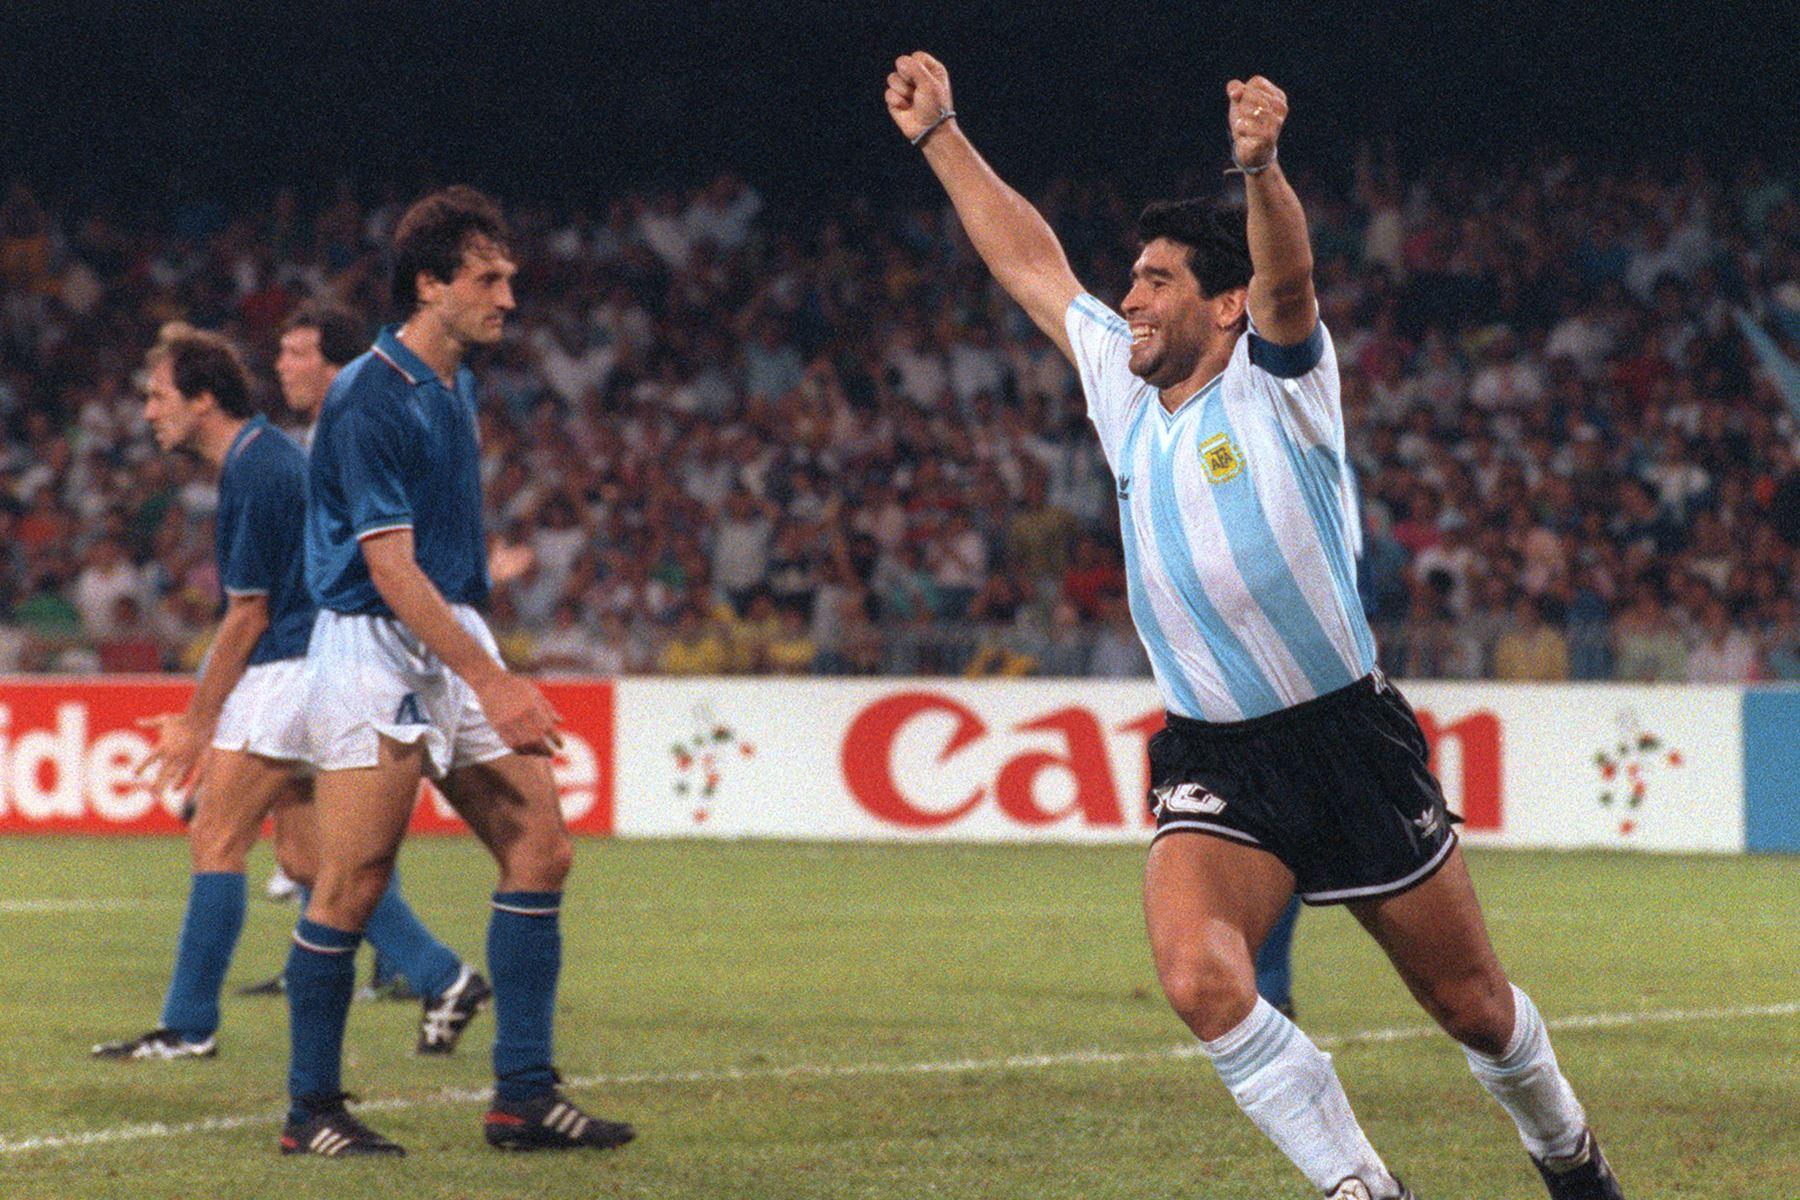 En esta foto de archivo tomada el 3 de julio de 1990, el delantero argentino Diego Maradona celebra después de que su compañero Claudio Caniggia empatara el marcador 1 a 1 durante la semifinal de la Copa del Mundo entre Italia y Argentina, en Nápoles. Foto: AFP